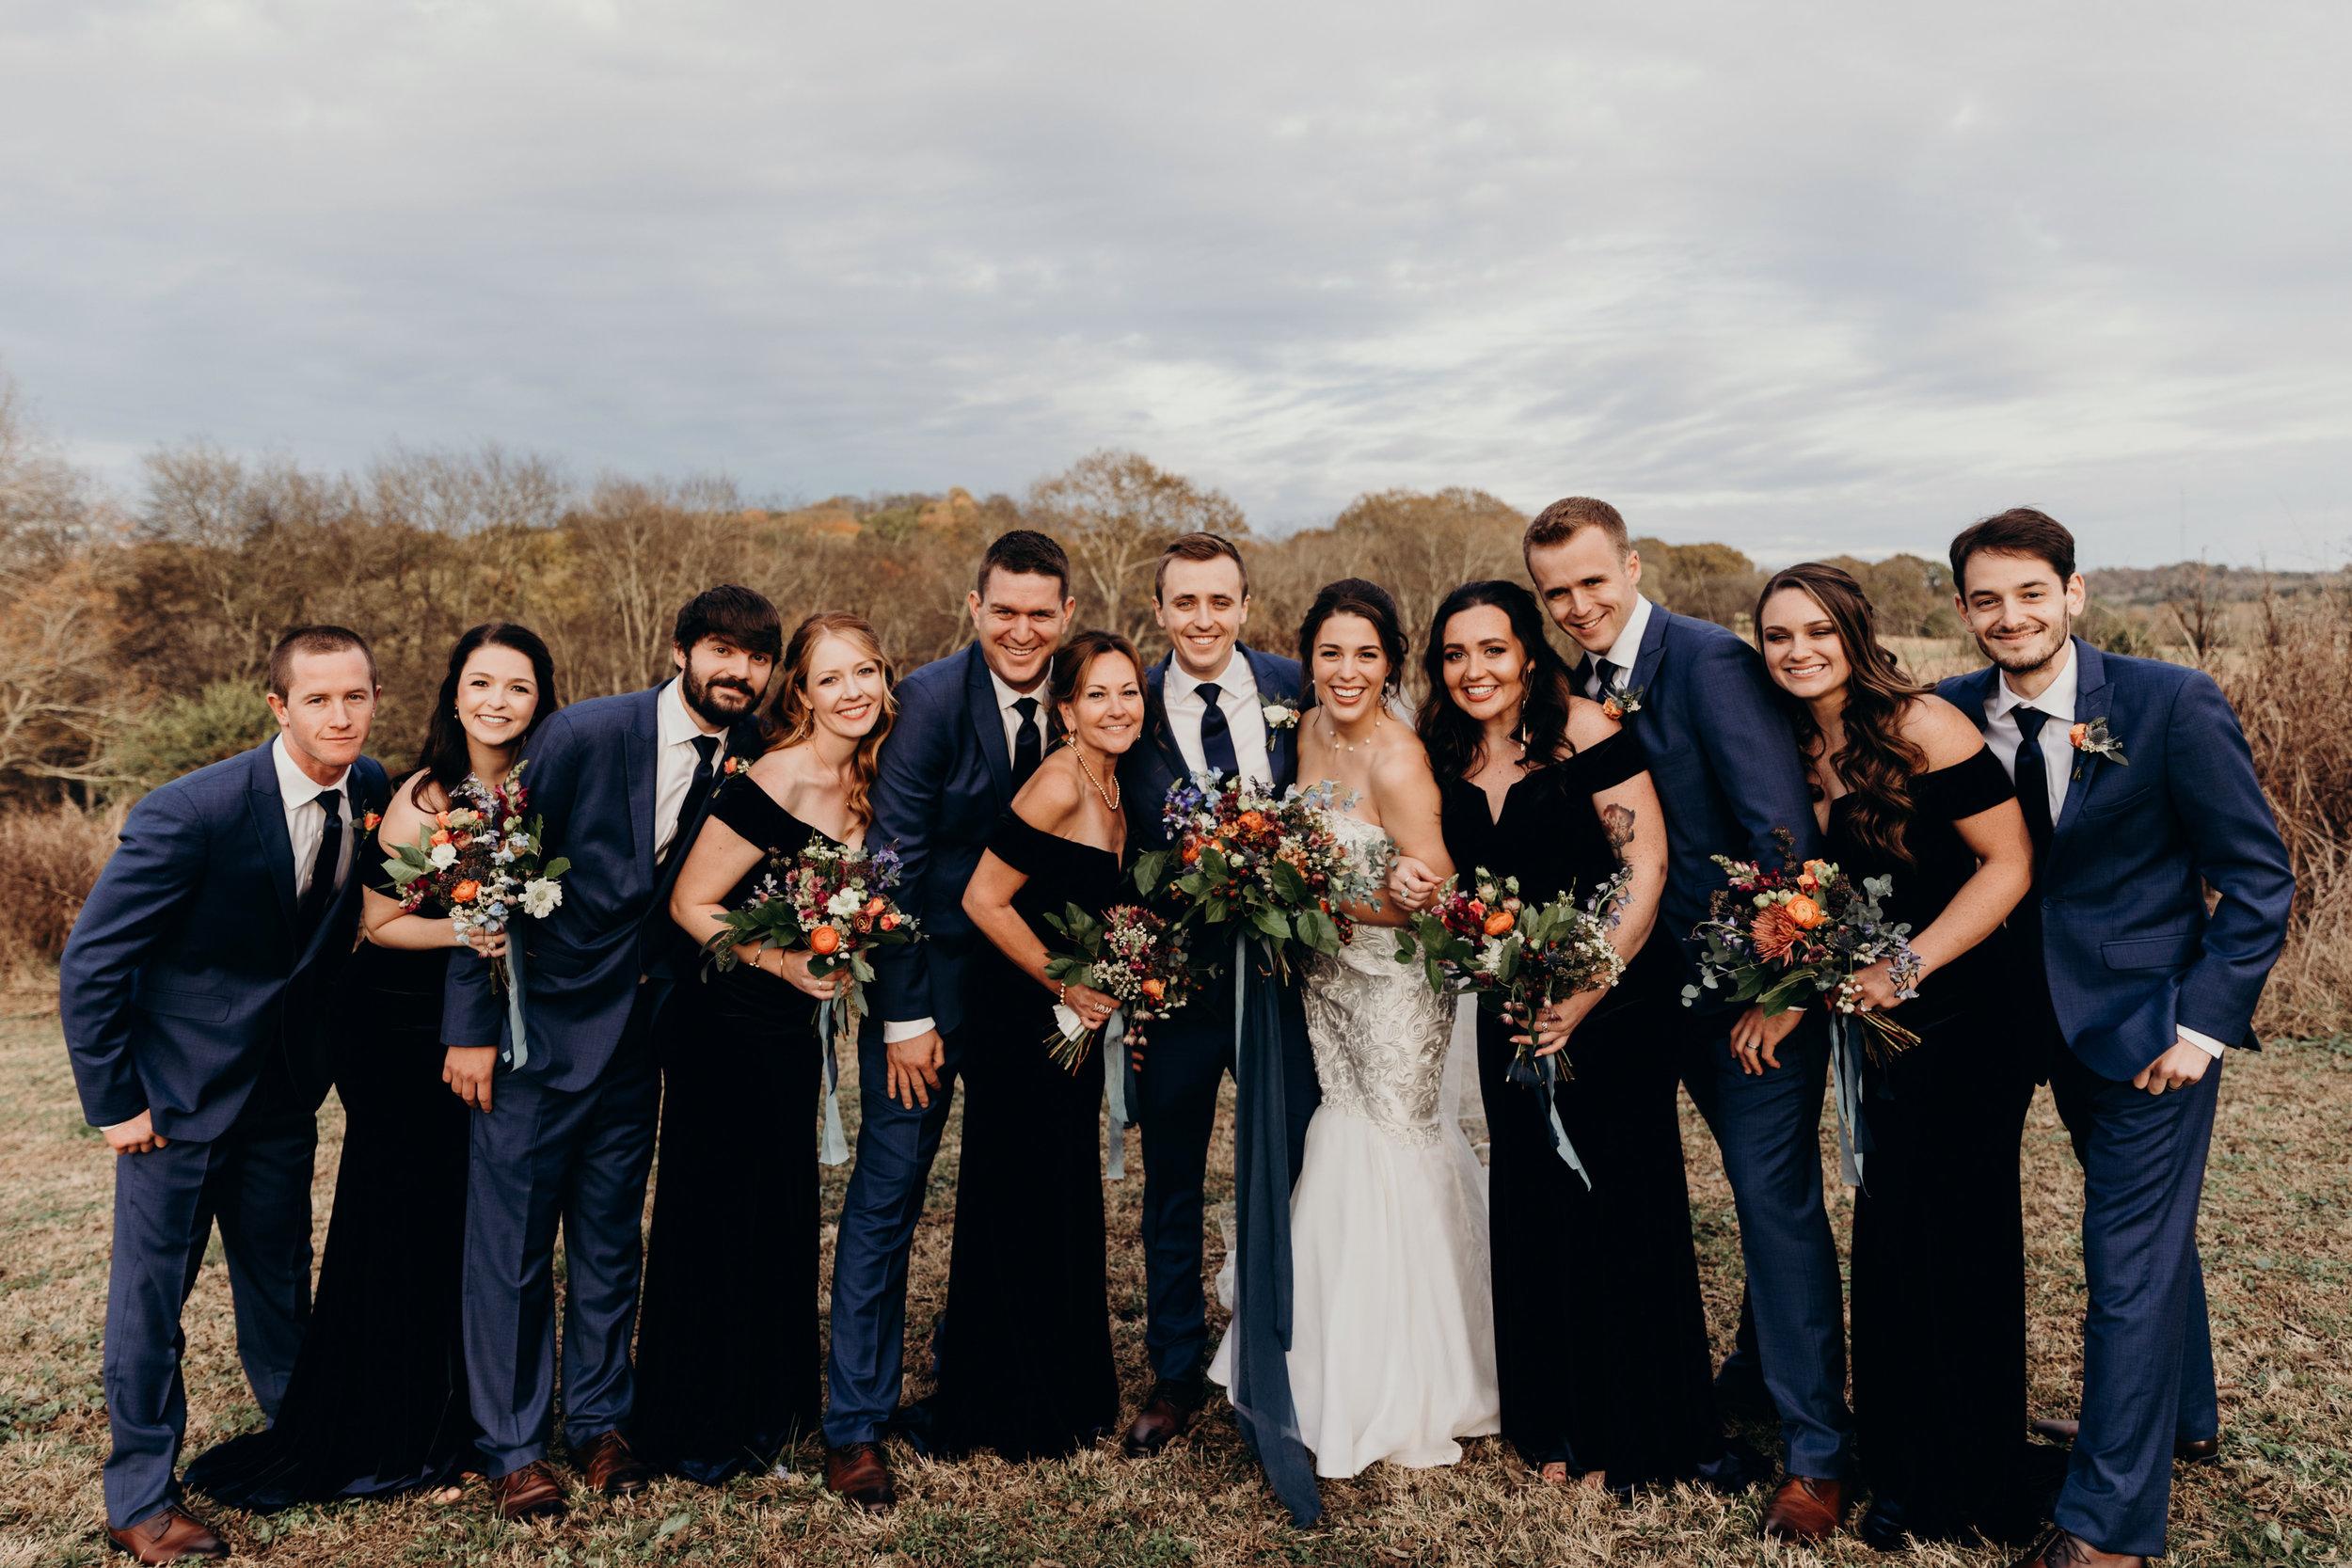 390-ltw-morgan-adam-wedding.jpg